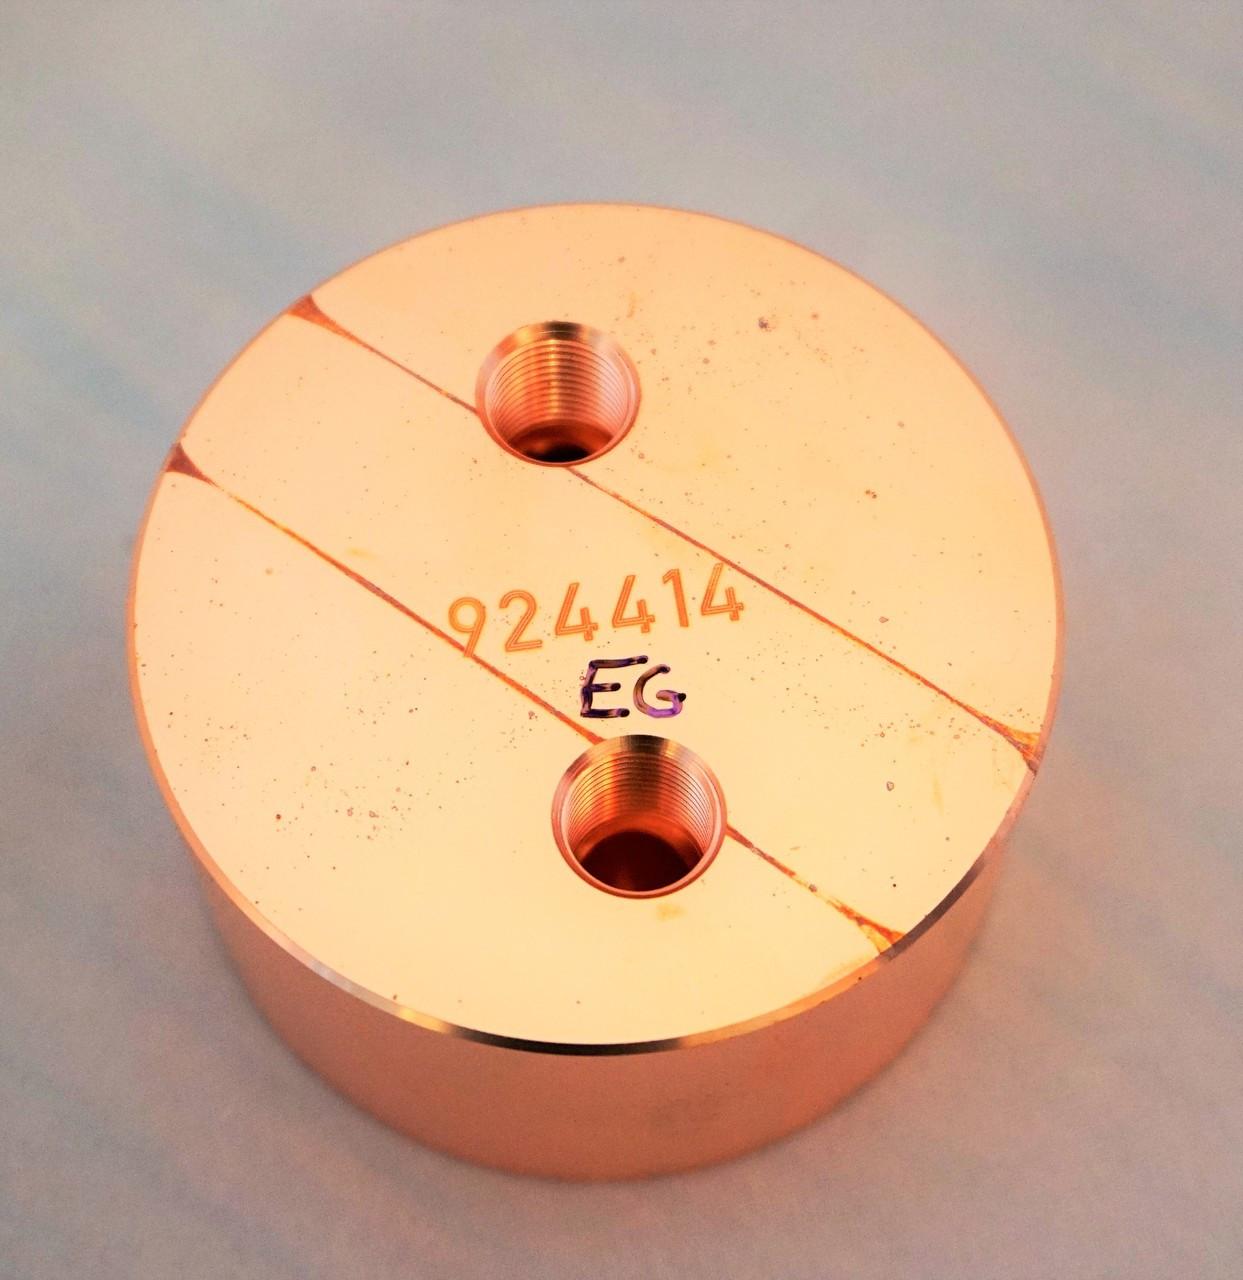 Collimator Optic Concave (57mm x 2.09 mcc) (924414)